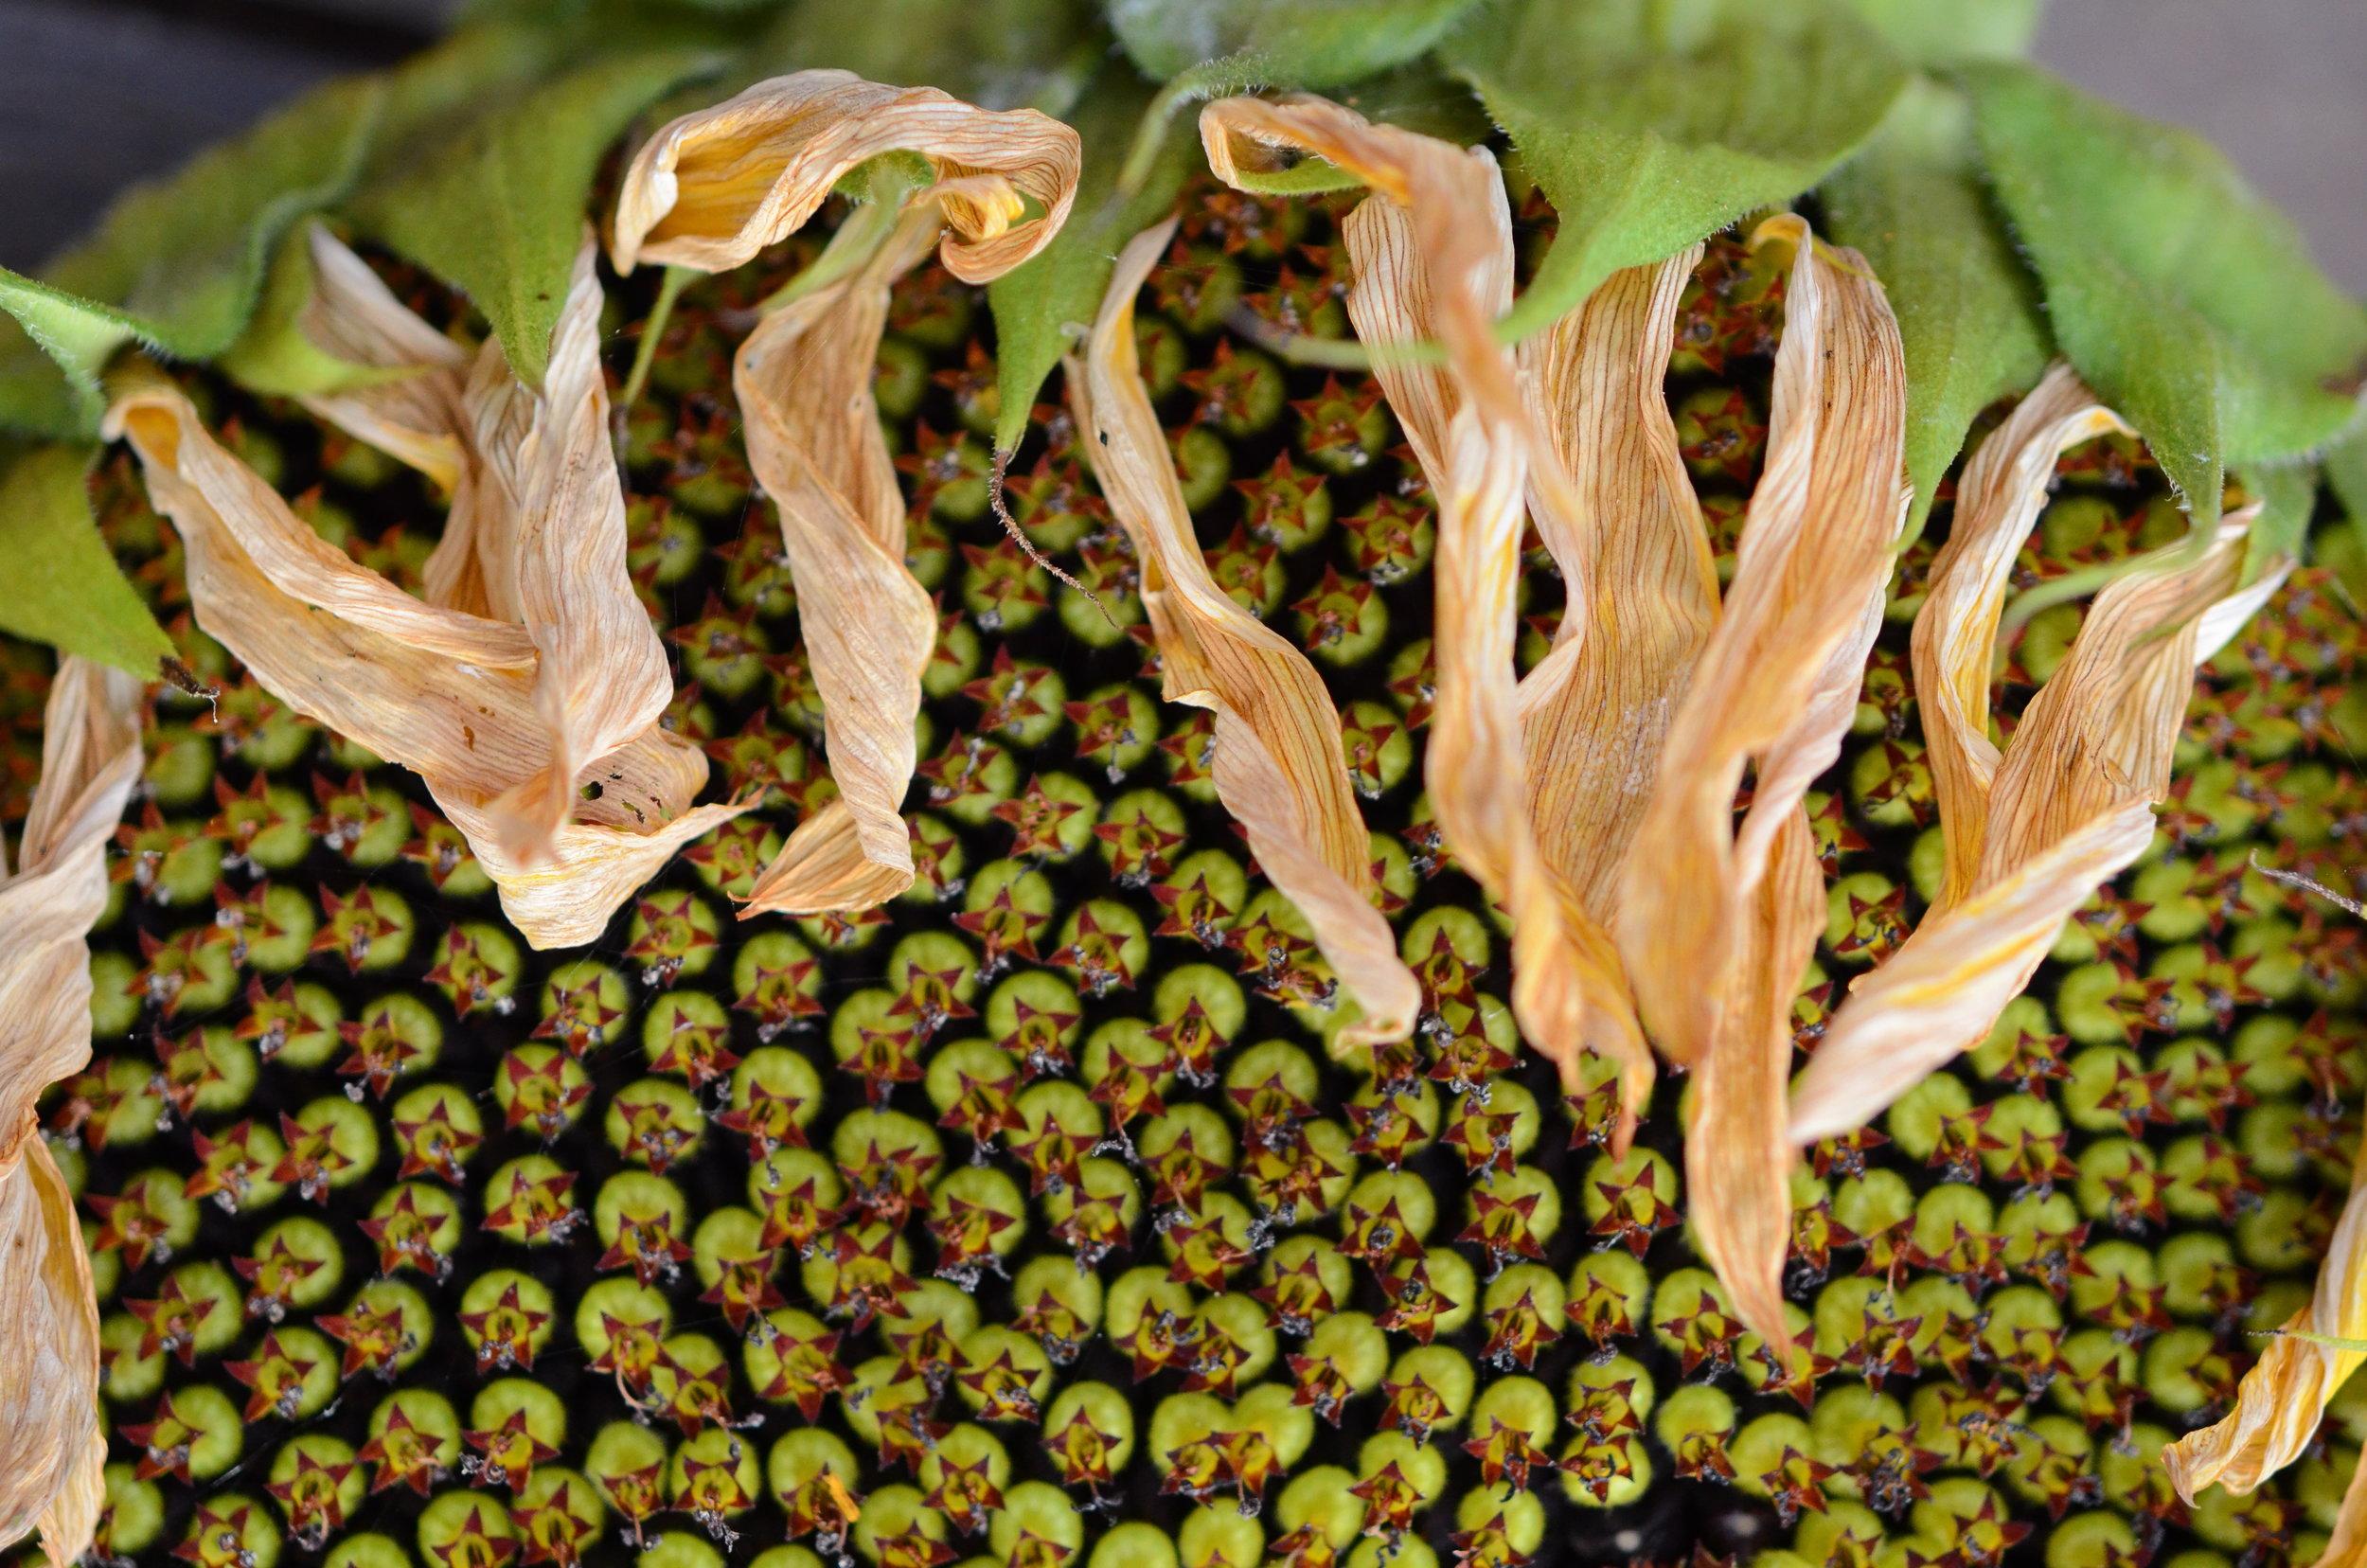 Sunflowers_Seattle Urban Farm Co._EBPodcast.jpg